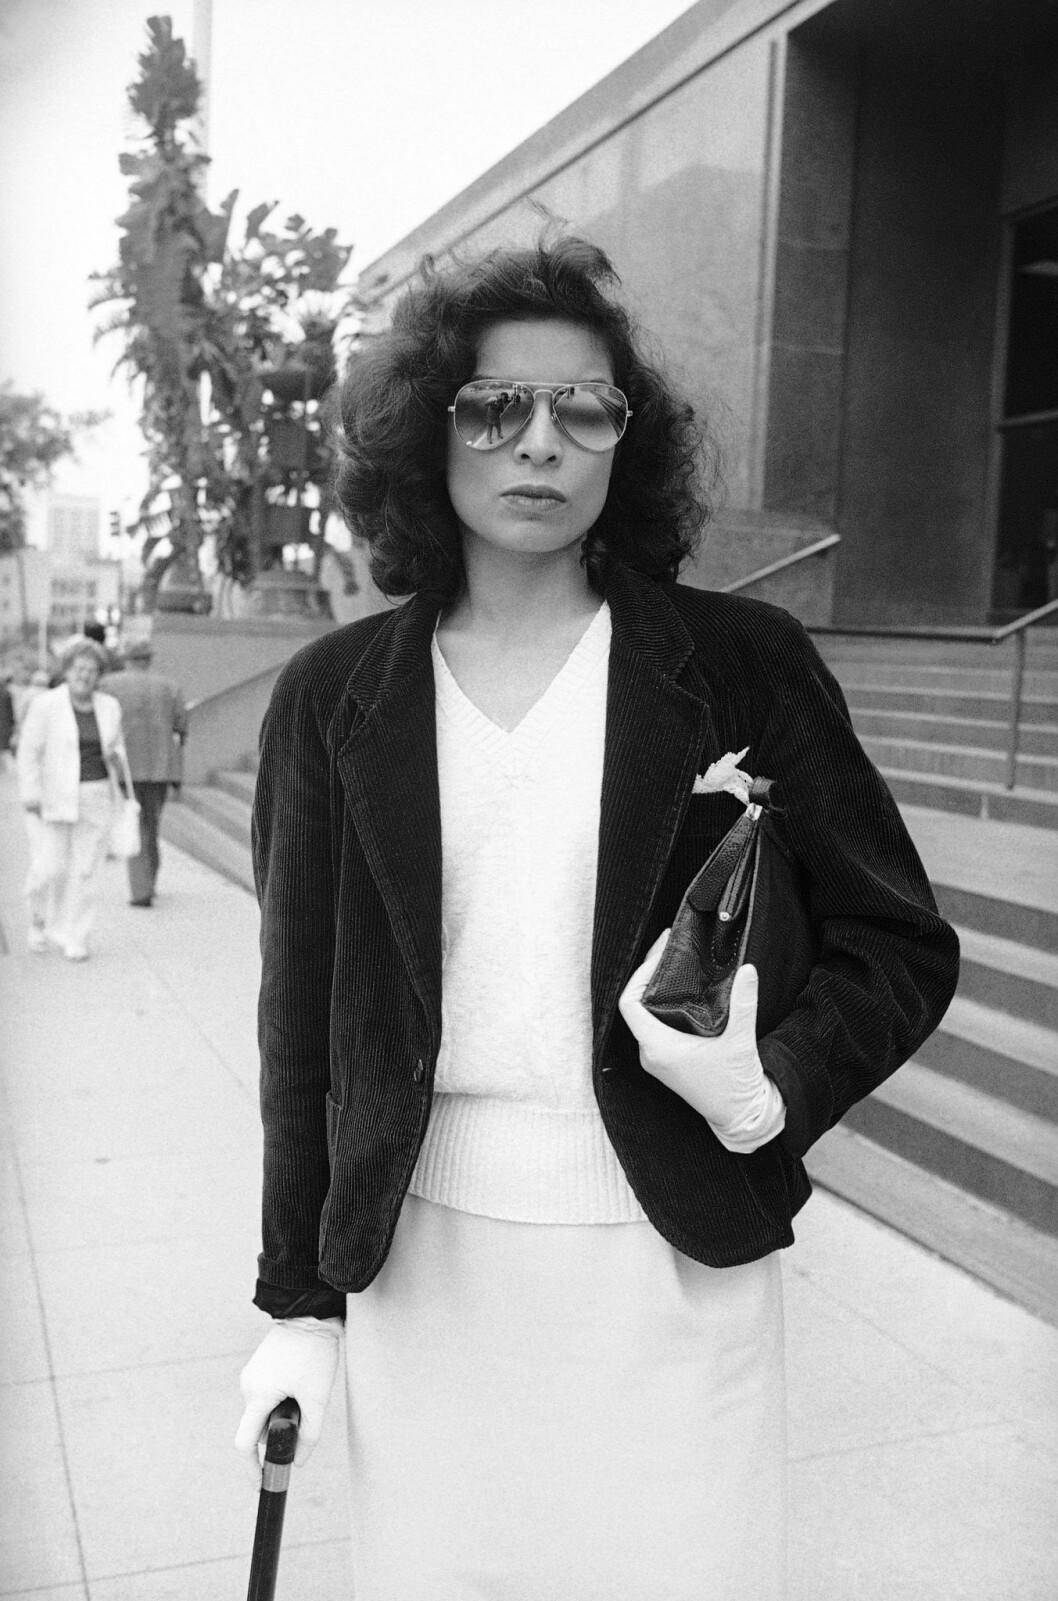 Skådespelaren Bianca Jaggers stil